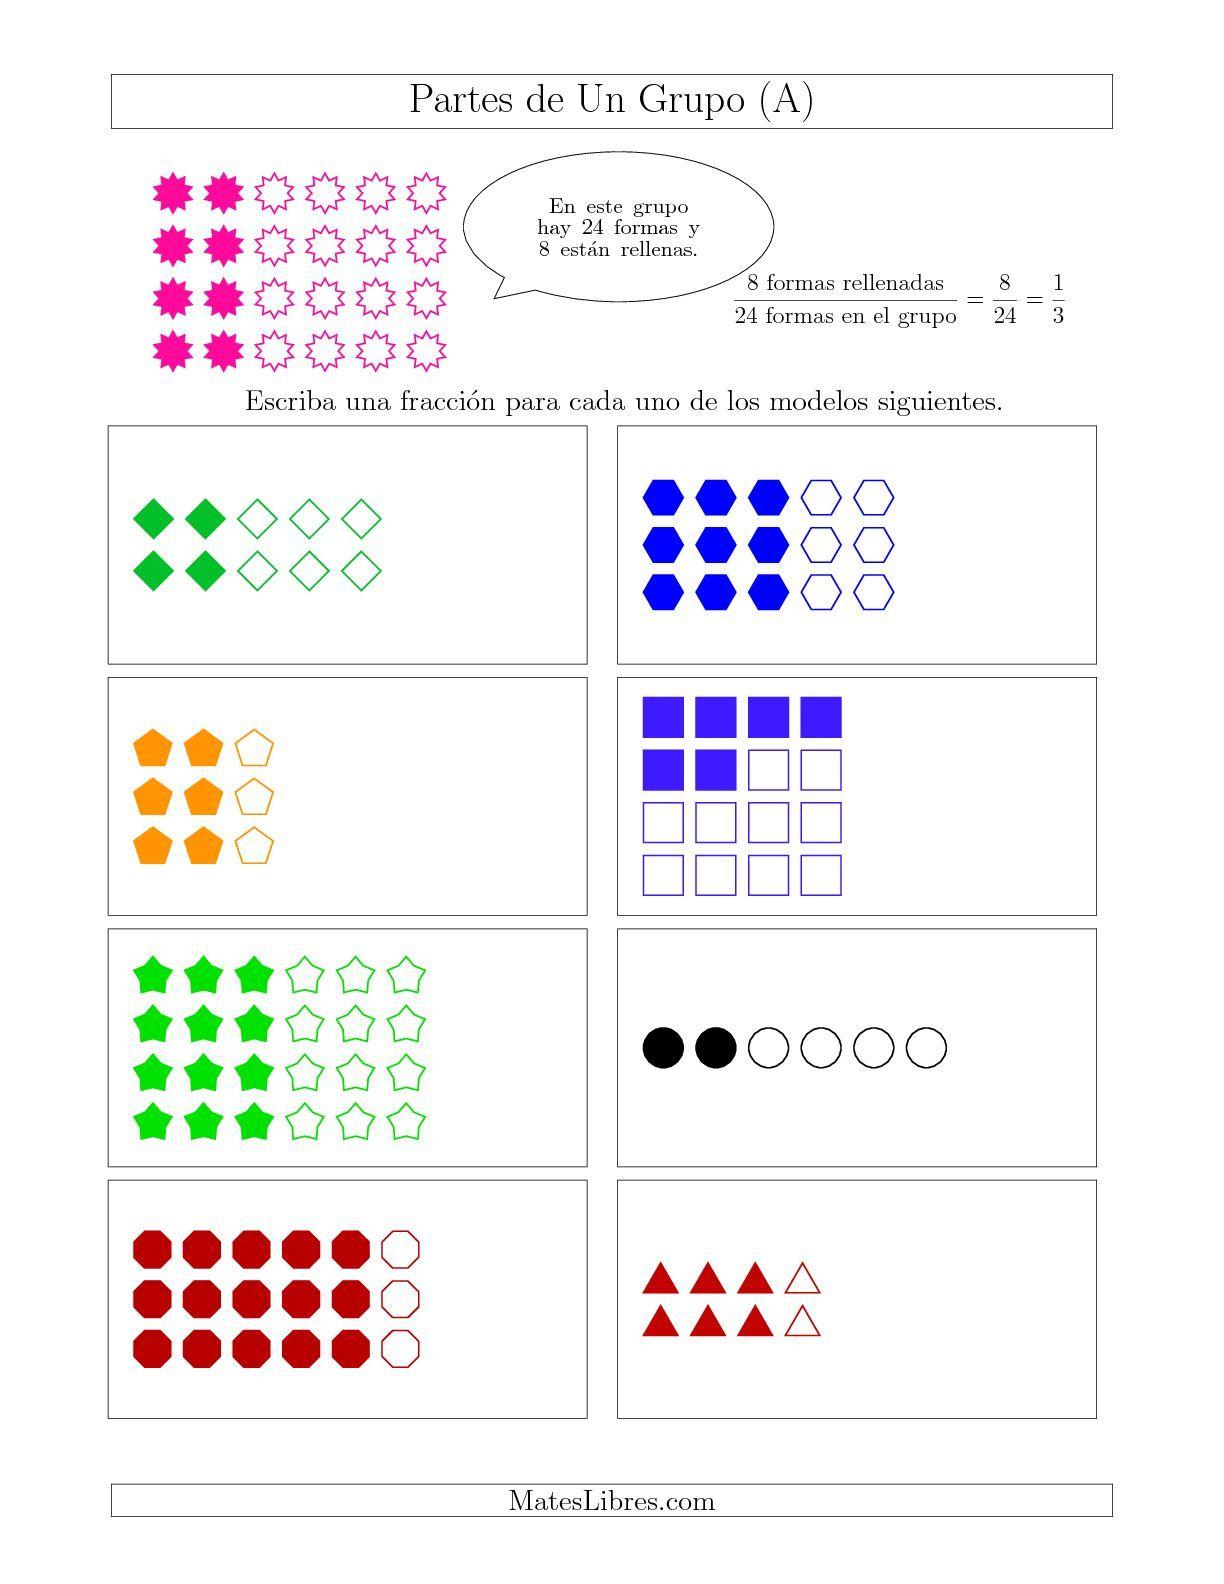 La Hoja De Ejercicios De Matematicas De Modelos De